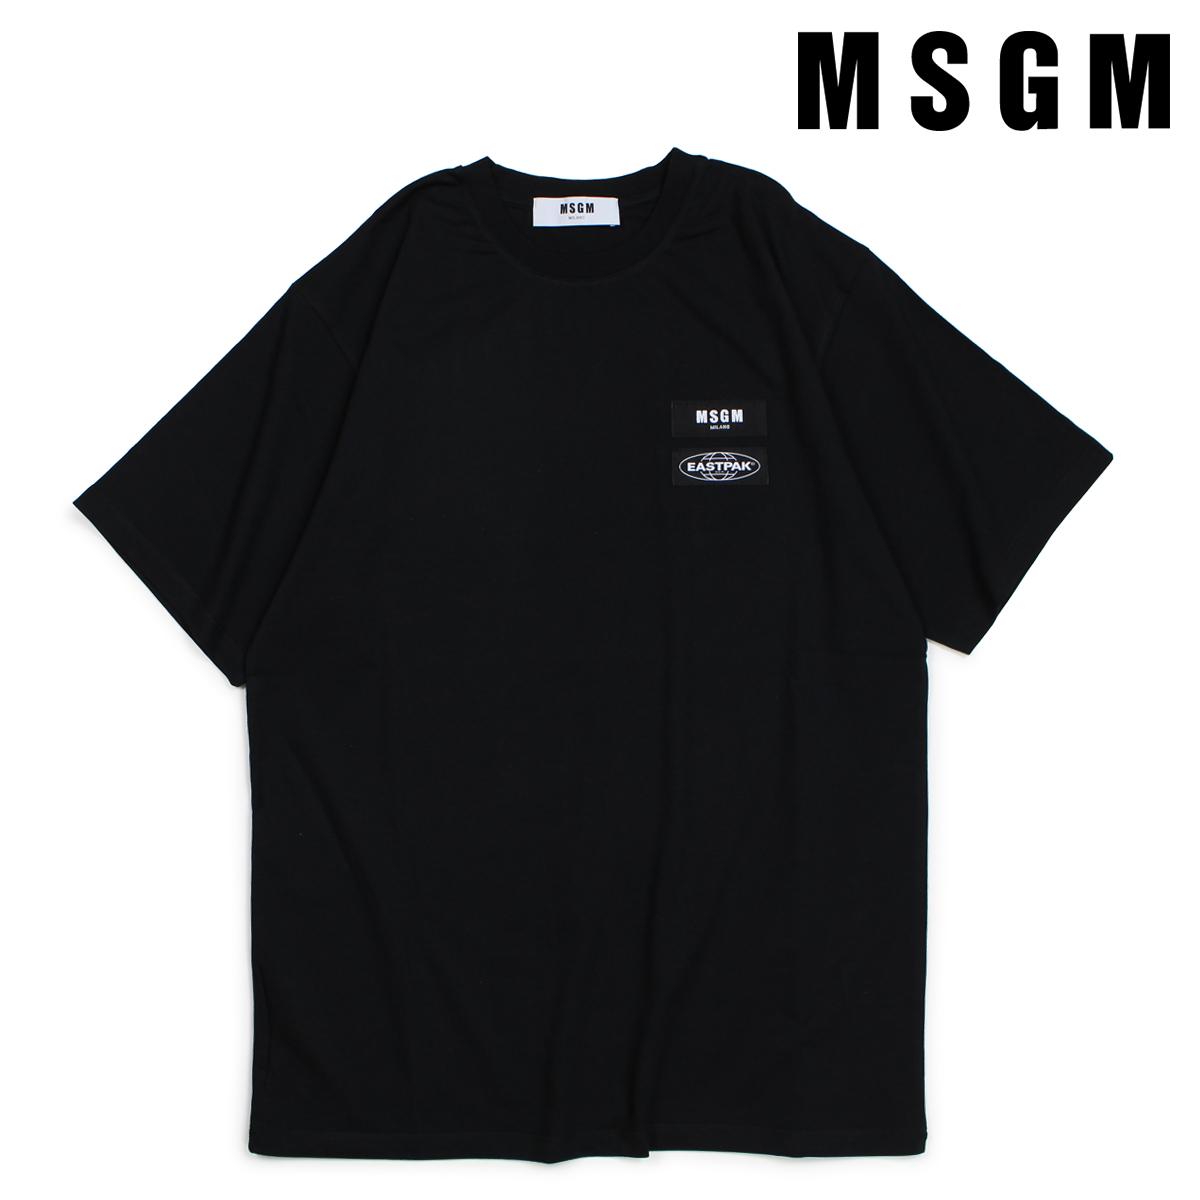 エムエスジーエム Tシャツ 半袖 メンズ MSGM SHORT-SLEEVED T-SHIRT ブラック 黒 2540MM200 184798